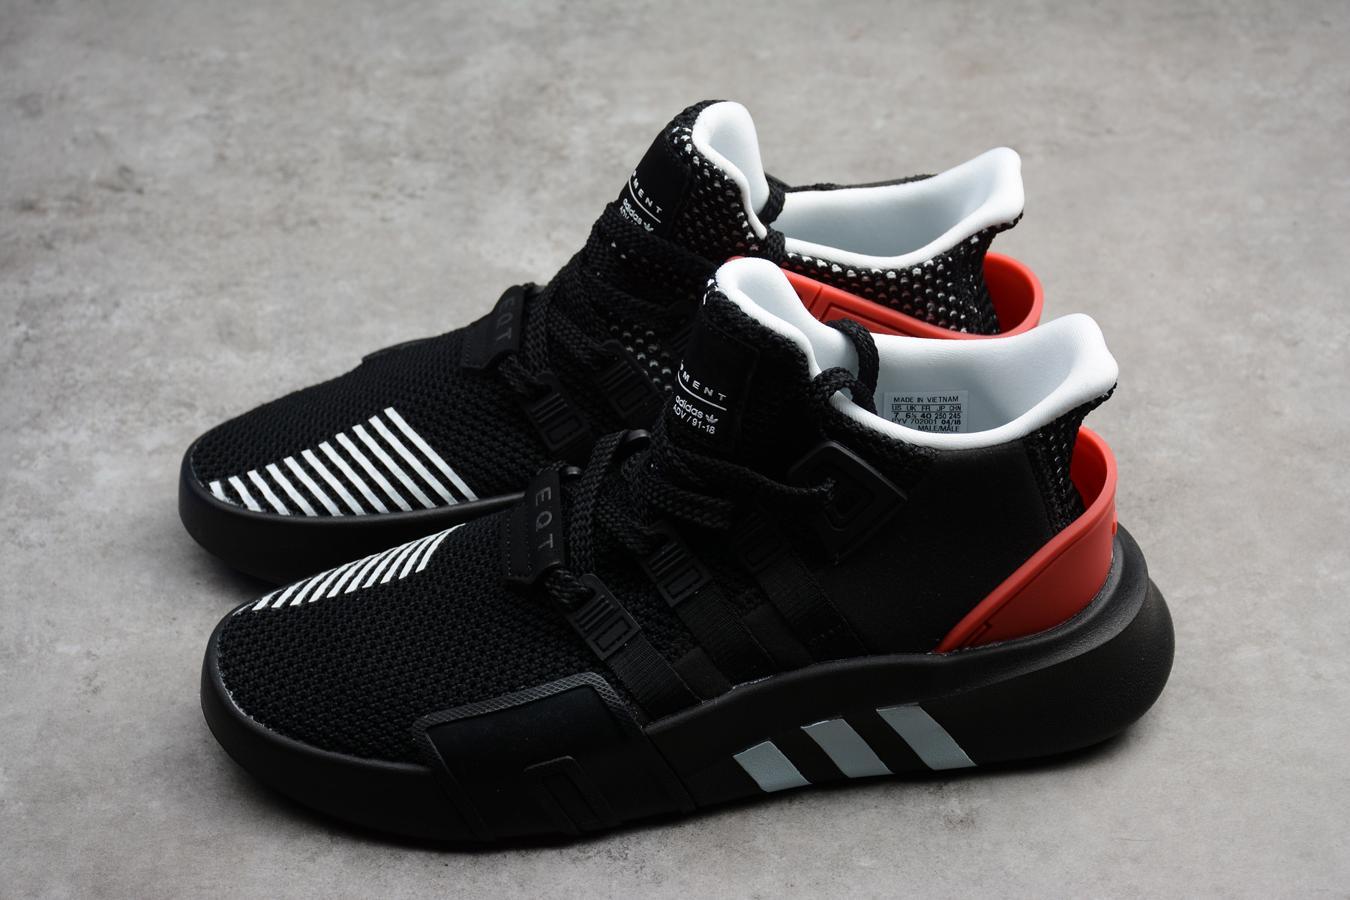 adidas EQT Bask ADV Black Red 6